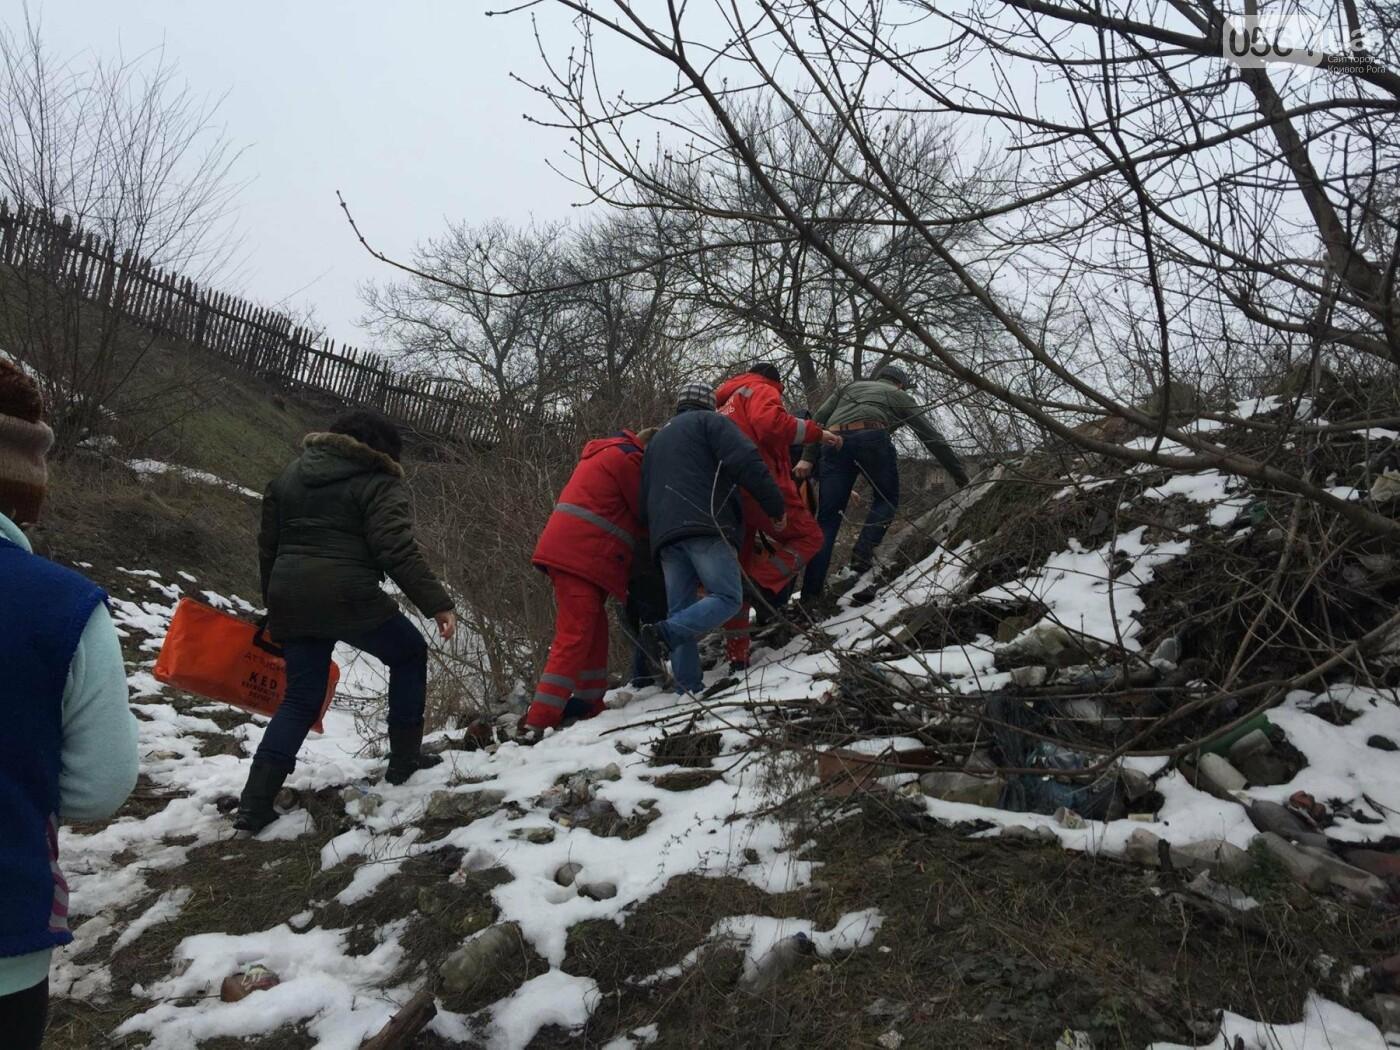 Неравнодушные жители Кривого Рога помогли в поисках мужчины, провалившегося в яму в районе станции скоростного трамвая (ФОТО), фото-4